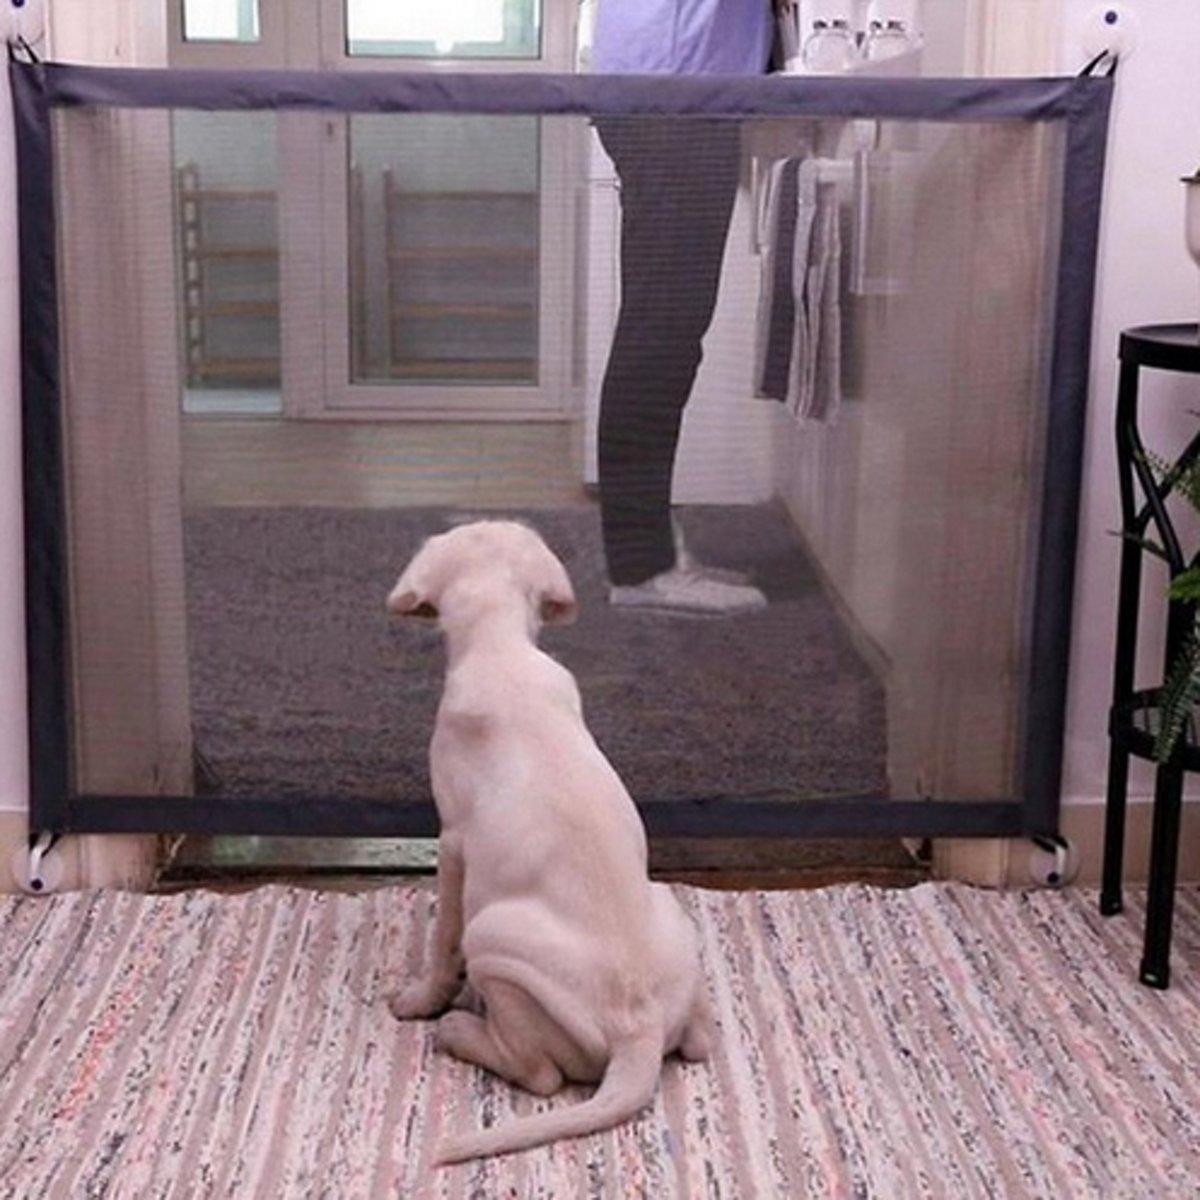 Hondennet gaas voor honden in deuropening 110cm breed 72cm hoog Zwart / HaverCo kopen